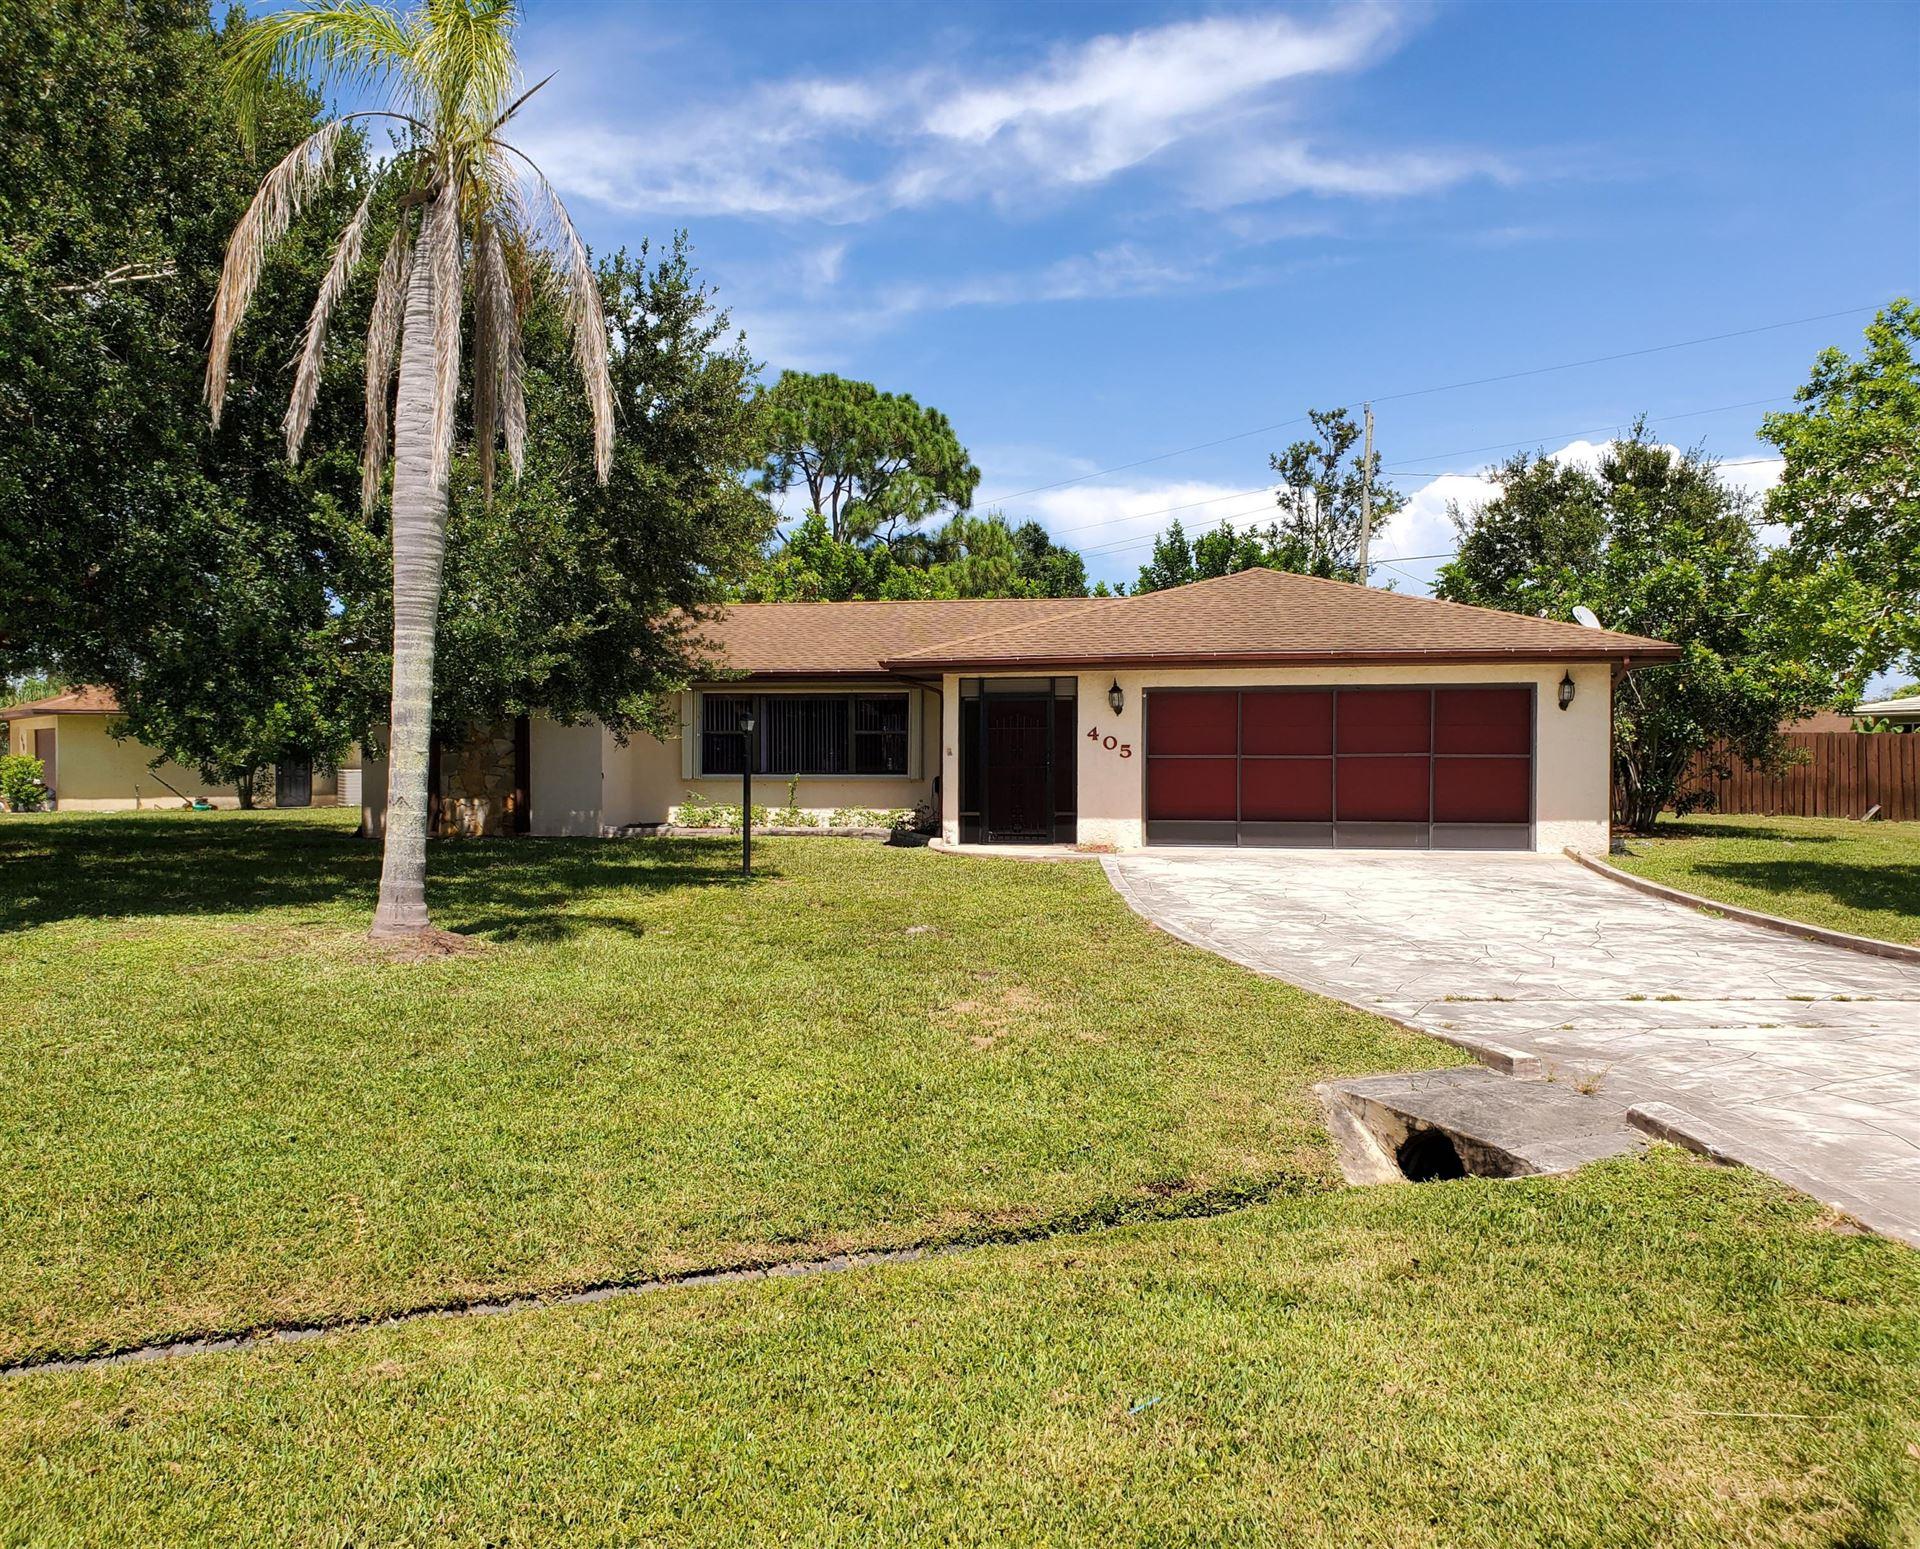 405 SE Seabreeze Lane, Port Saint Lucie, FL 34983 - #: RX-10639621